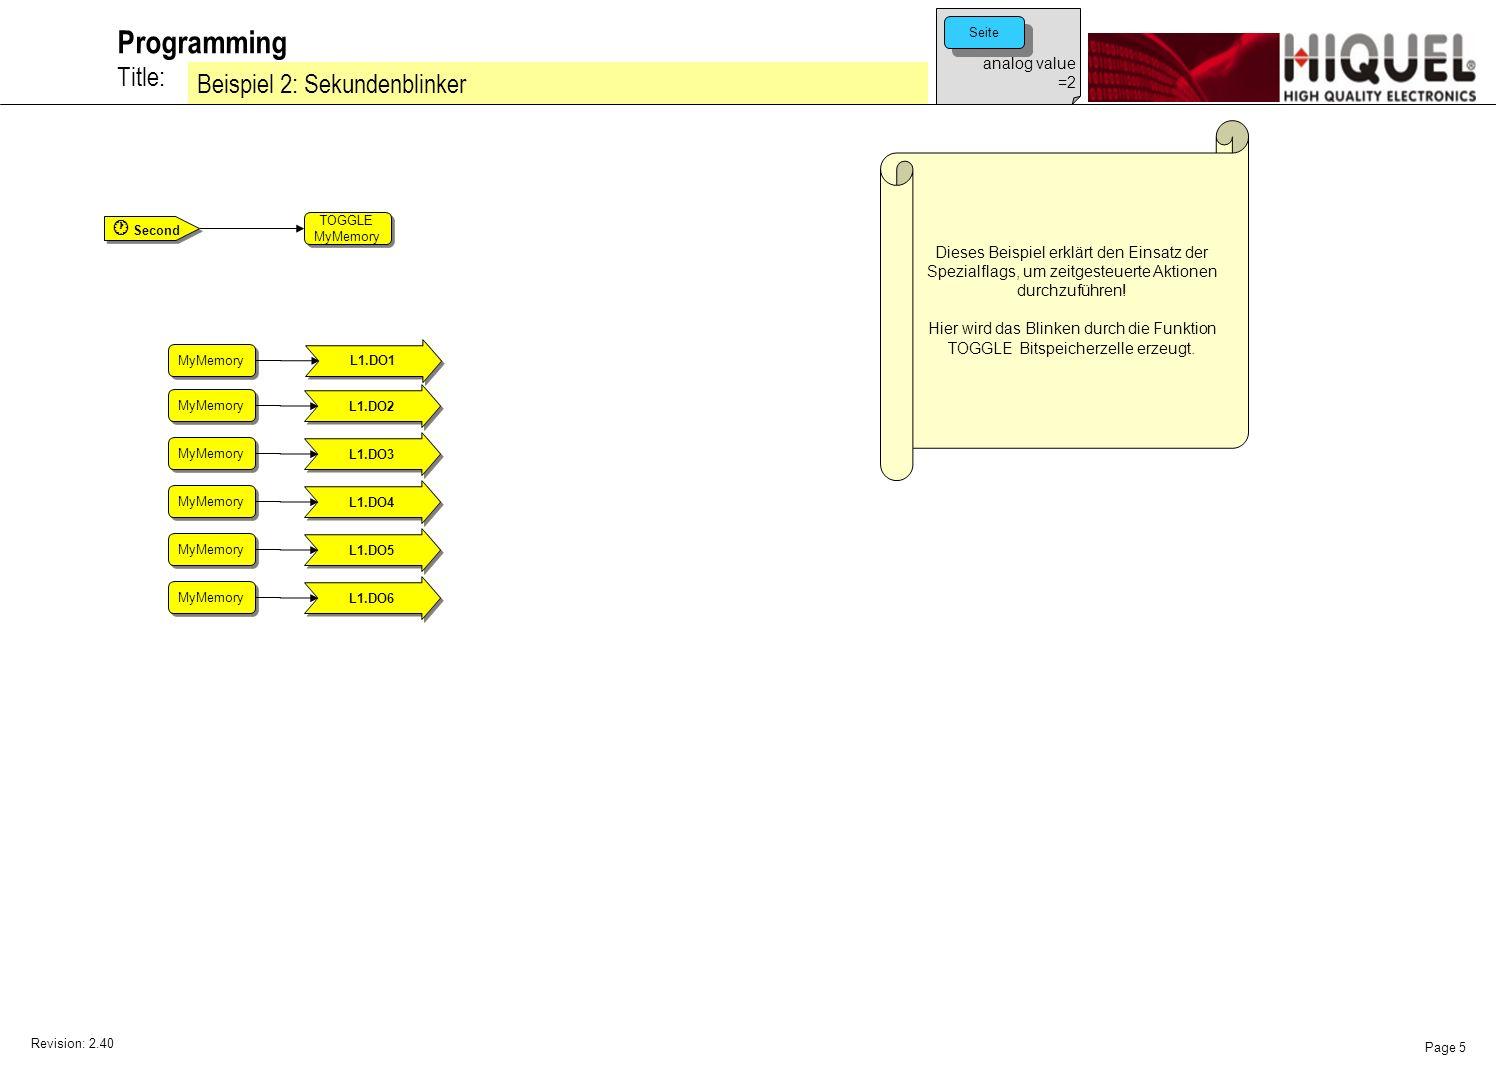 Revision: 2.40 Page 6 Title: Programming Beispiel 3: Sekundenblinker Dieses Beispiel erklärt den Einsatz der Spezialflags, um zeitgesteuerte Aktionen durchzuführen.